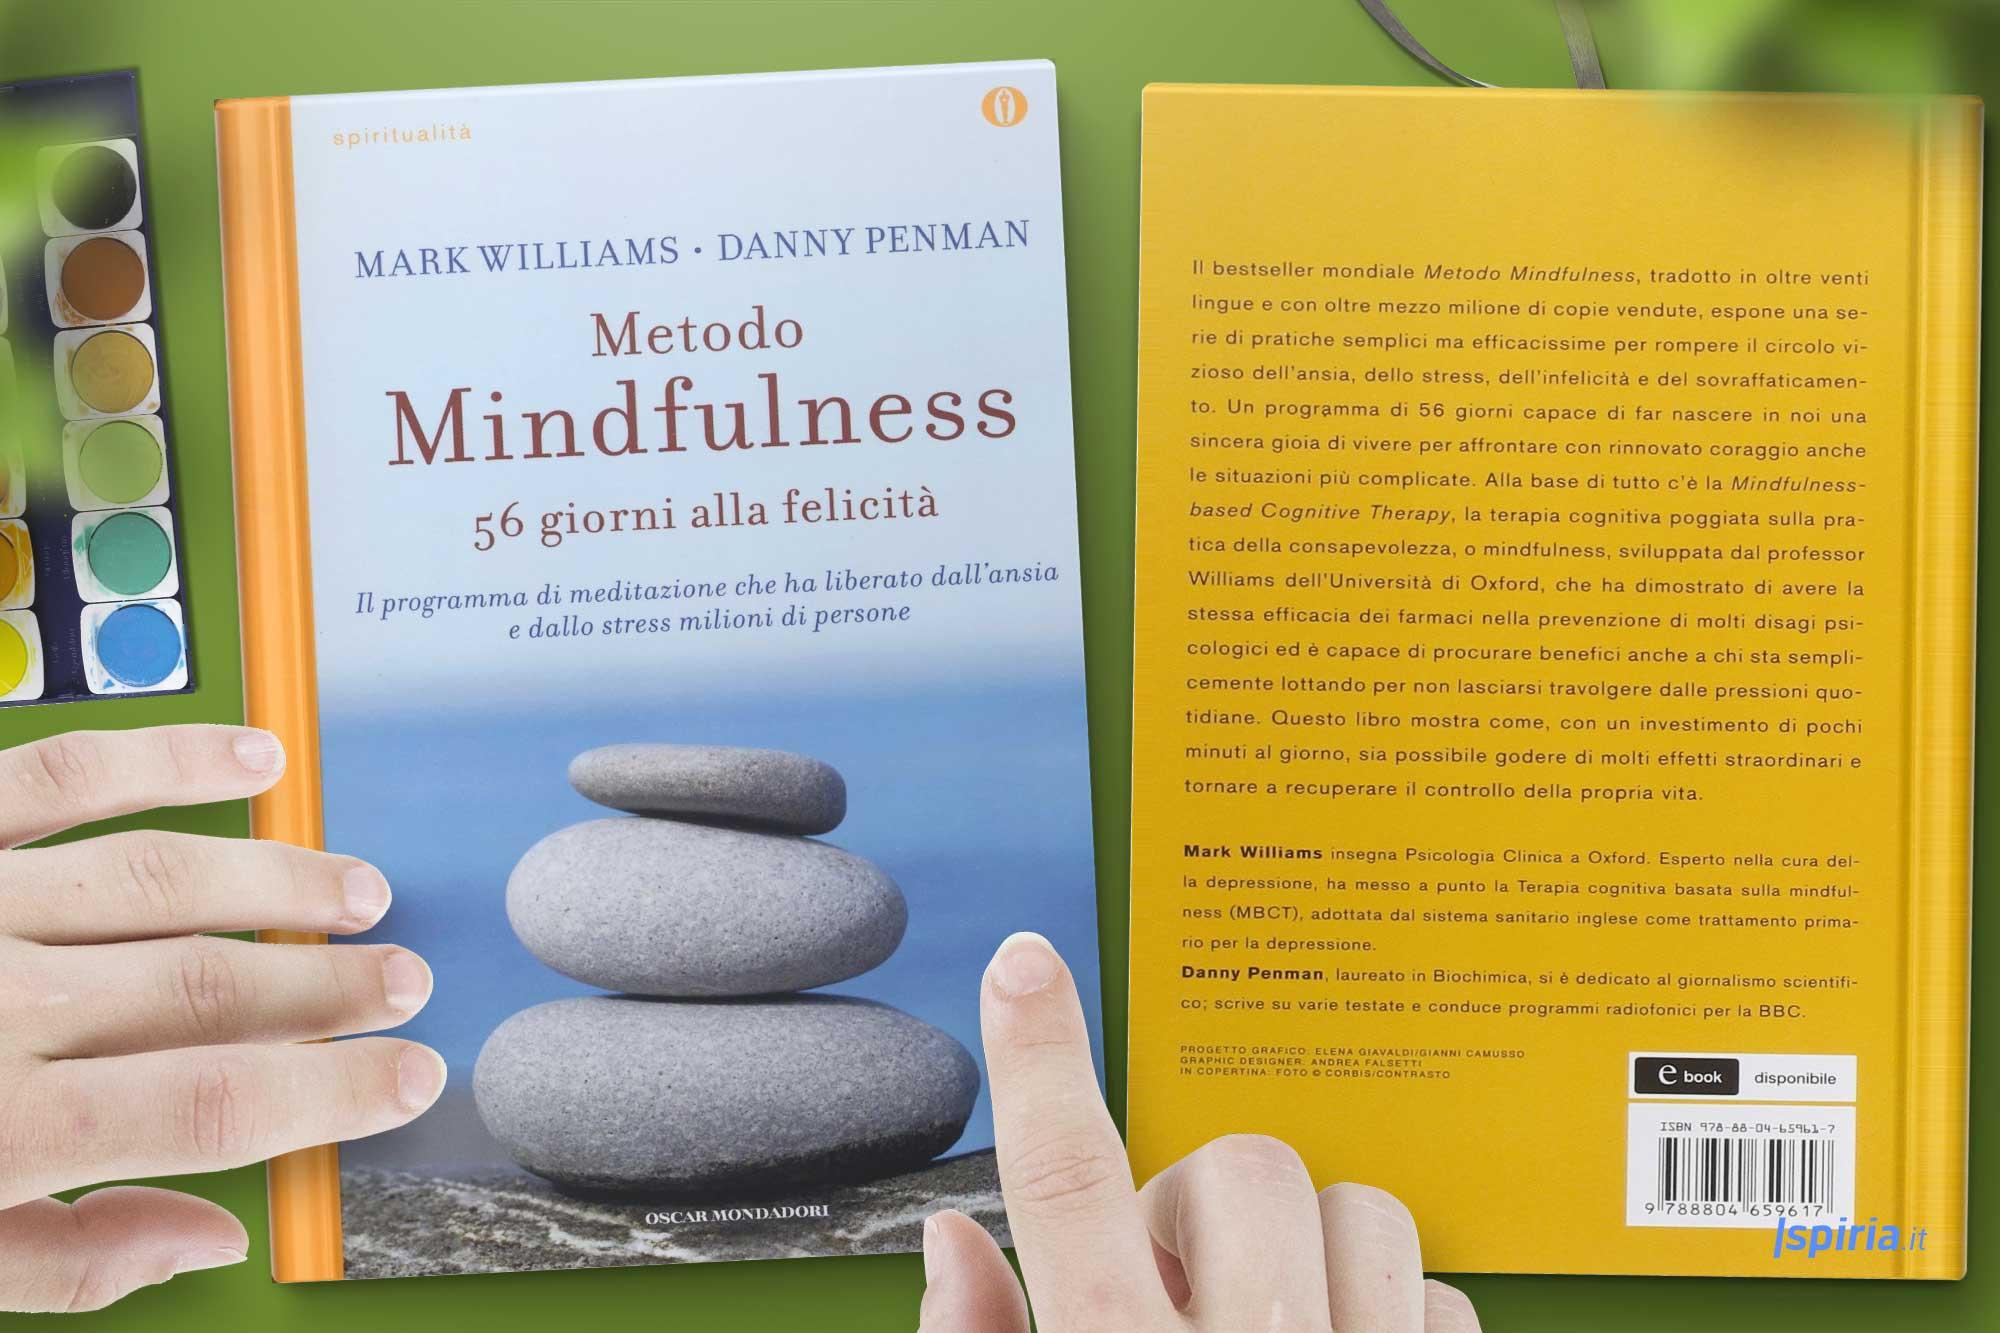 metodo-mindfulness-migliori-libri-meditazione-da-leggere